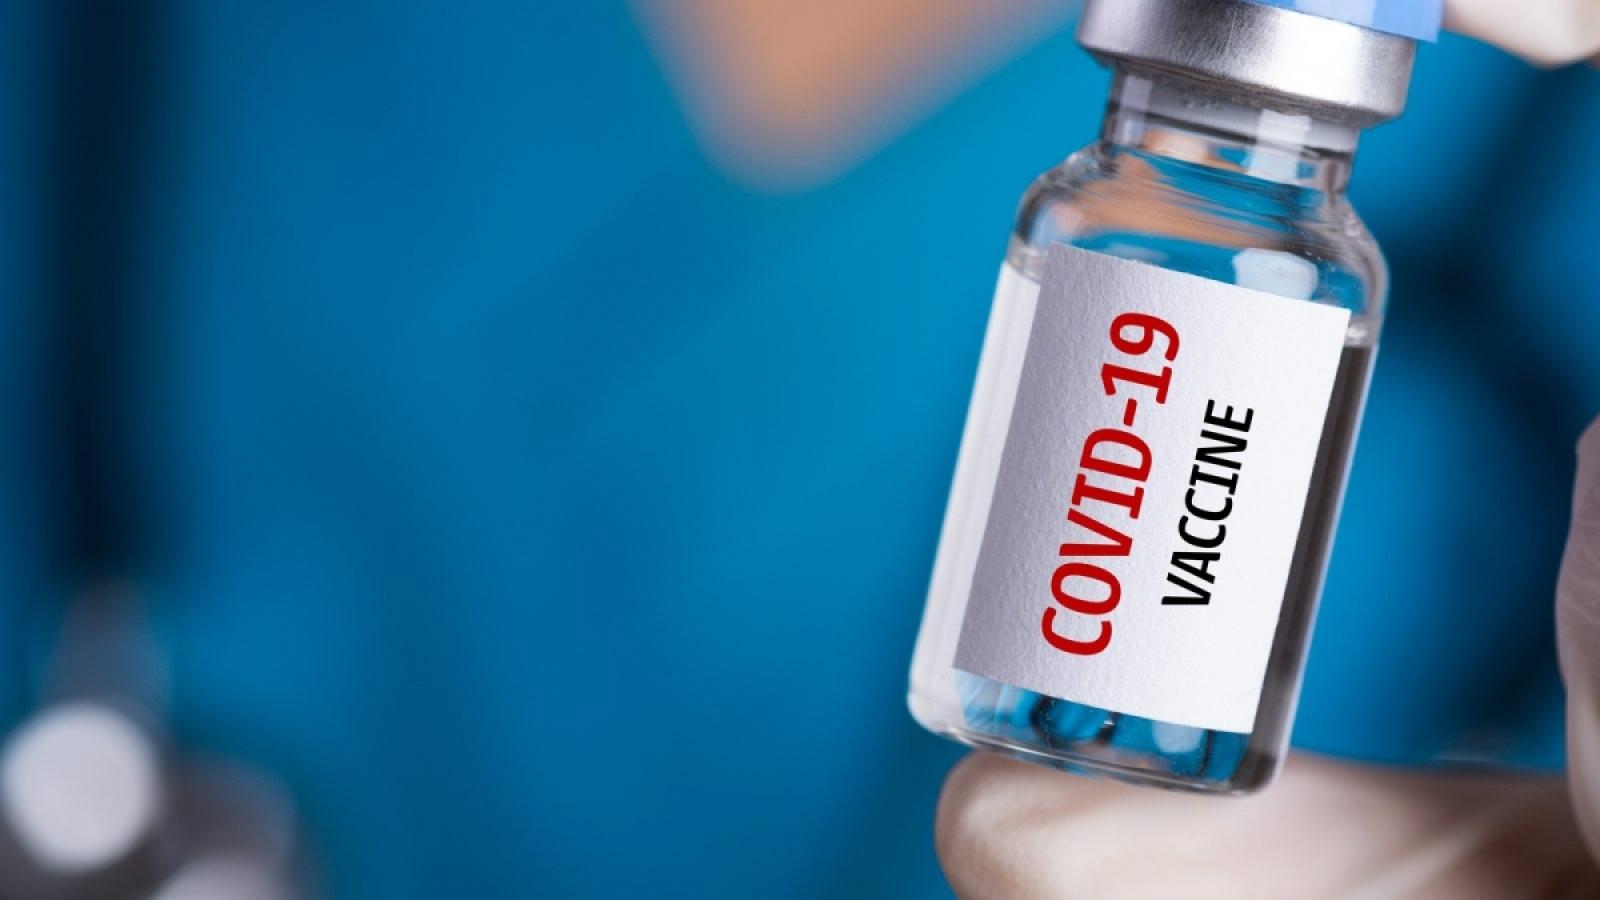 Phê duyệt đề cương nghiên cứu thử nghiệm lâm sàng vaccine mà Vingroup vừa được chuyển giao